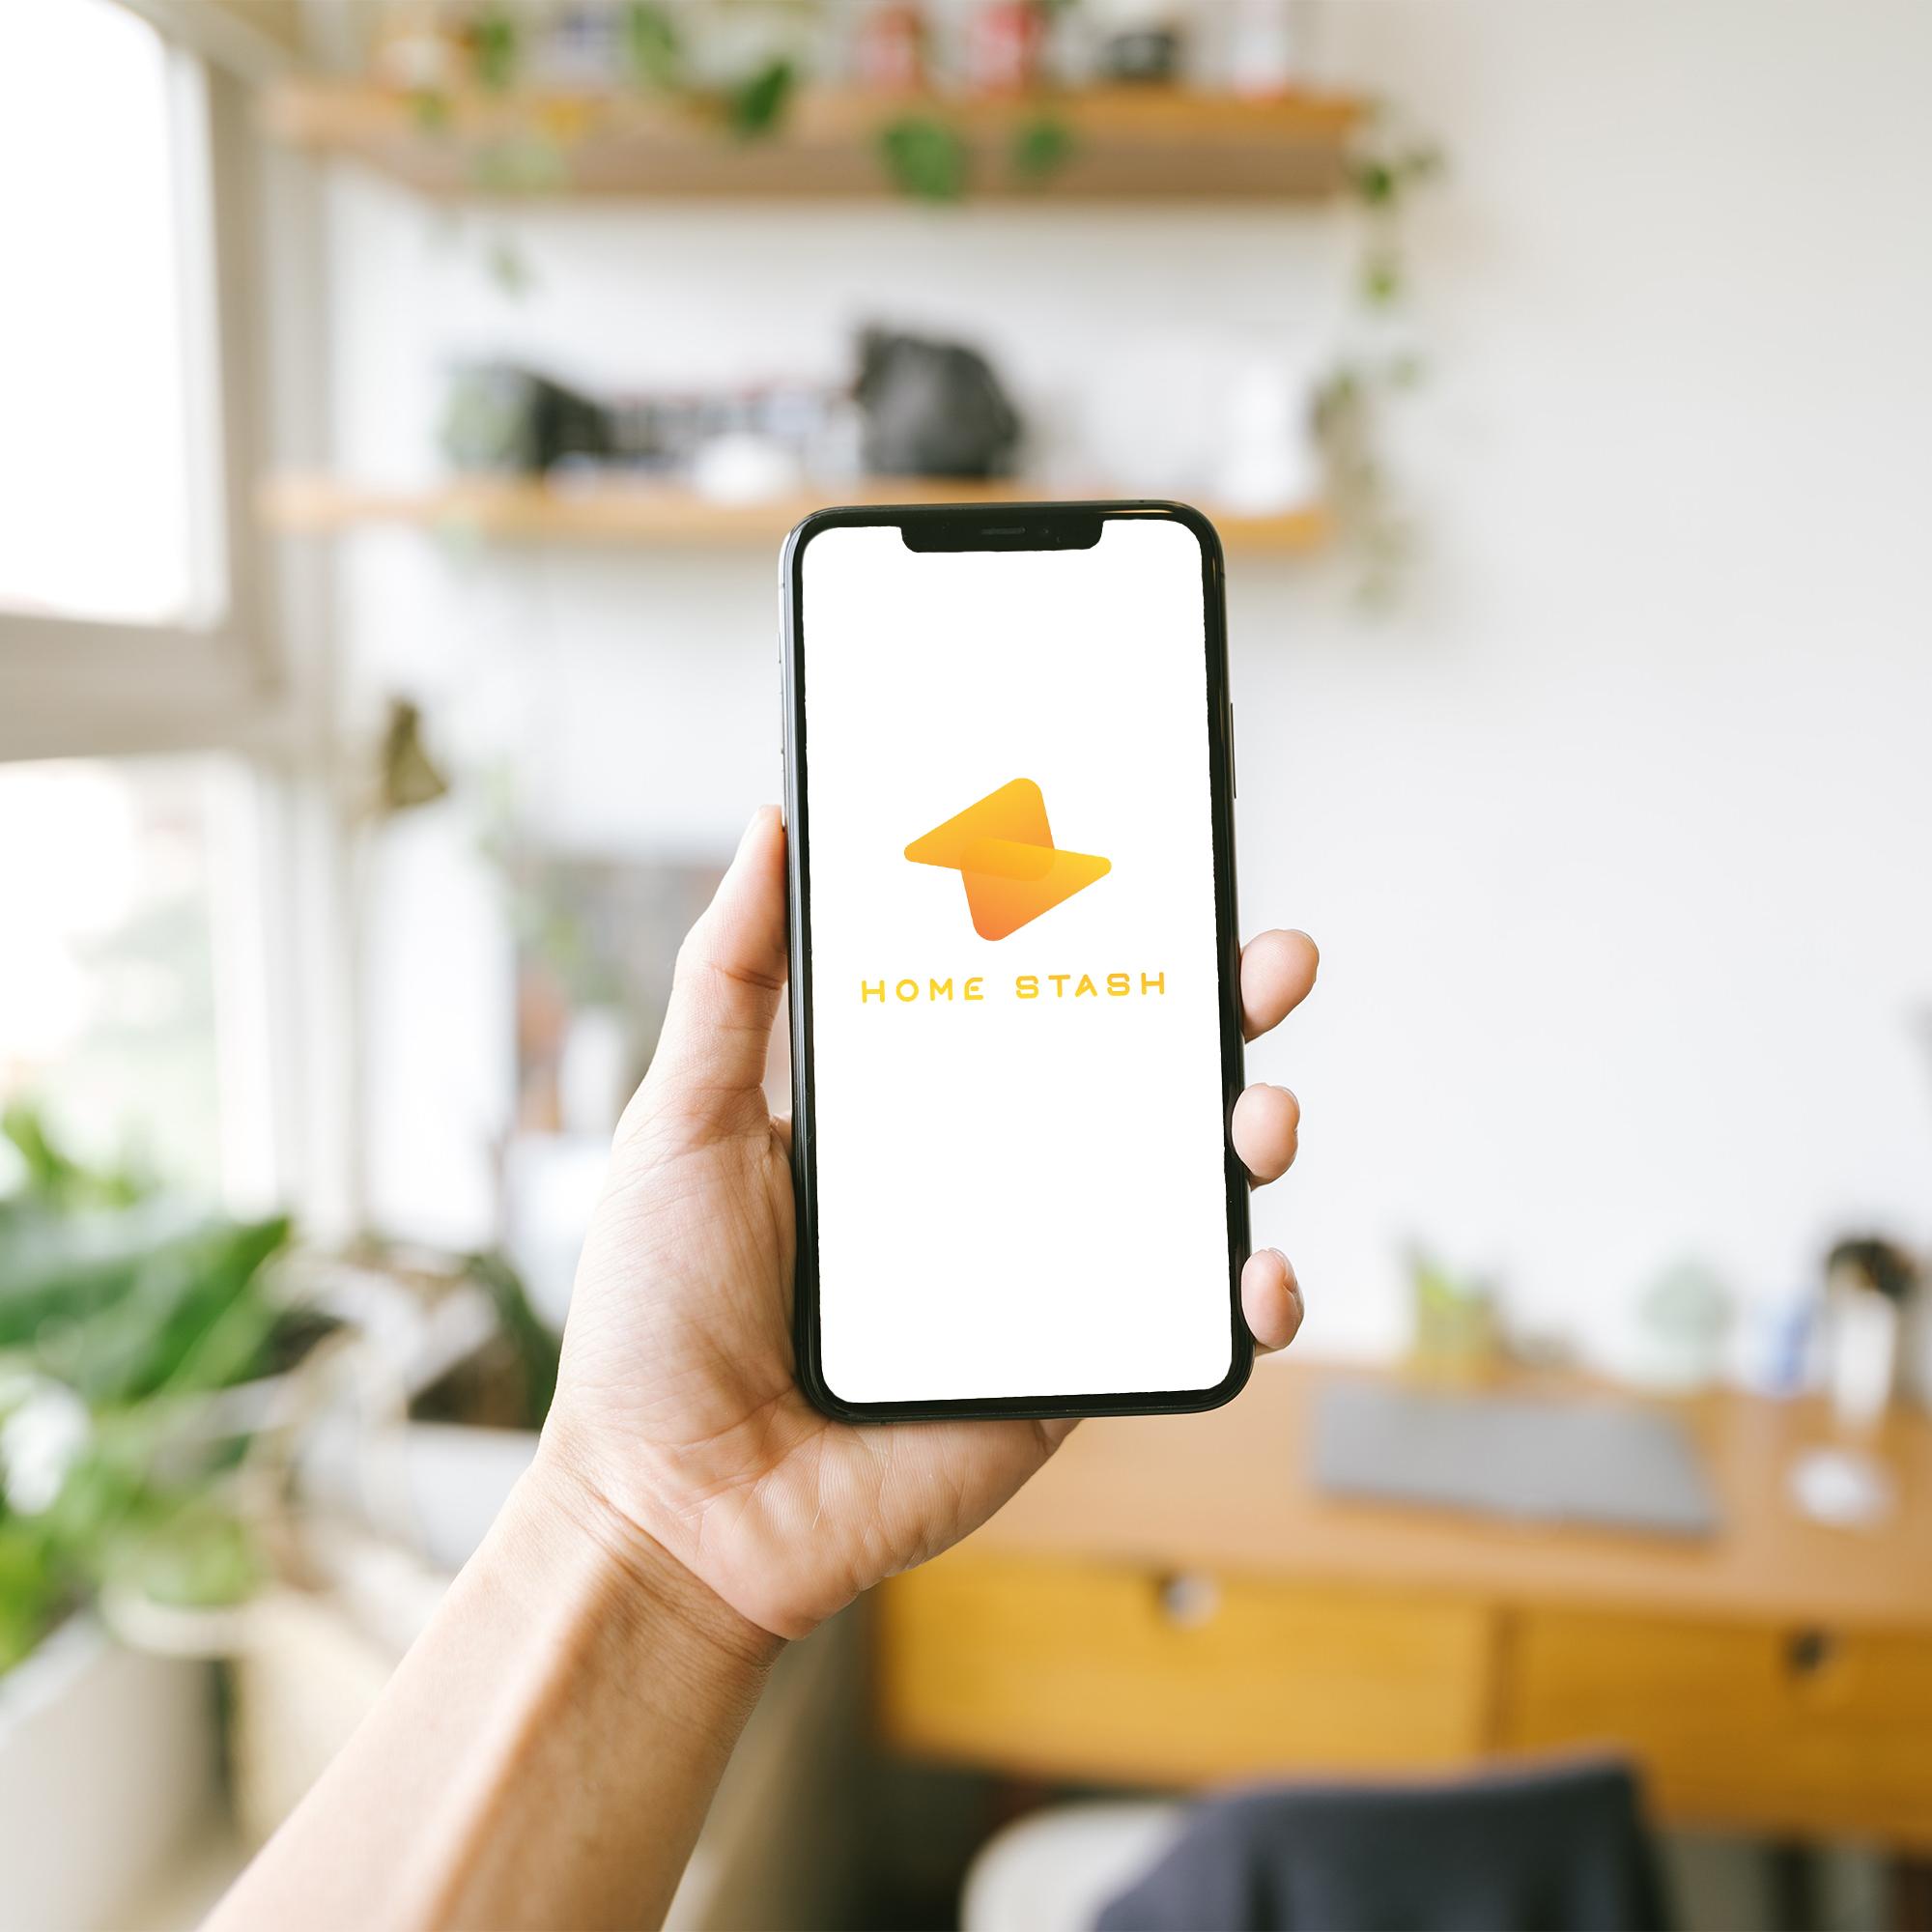 iLikeIT. Cum putem păstra fotografiile din telefon în siguranță pentru o perioadă lungă de timp